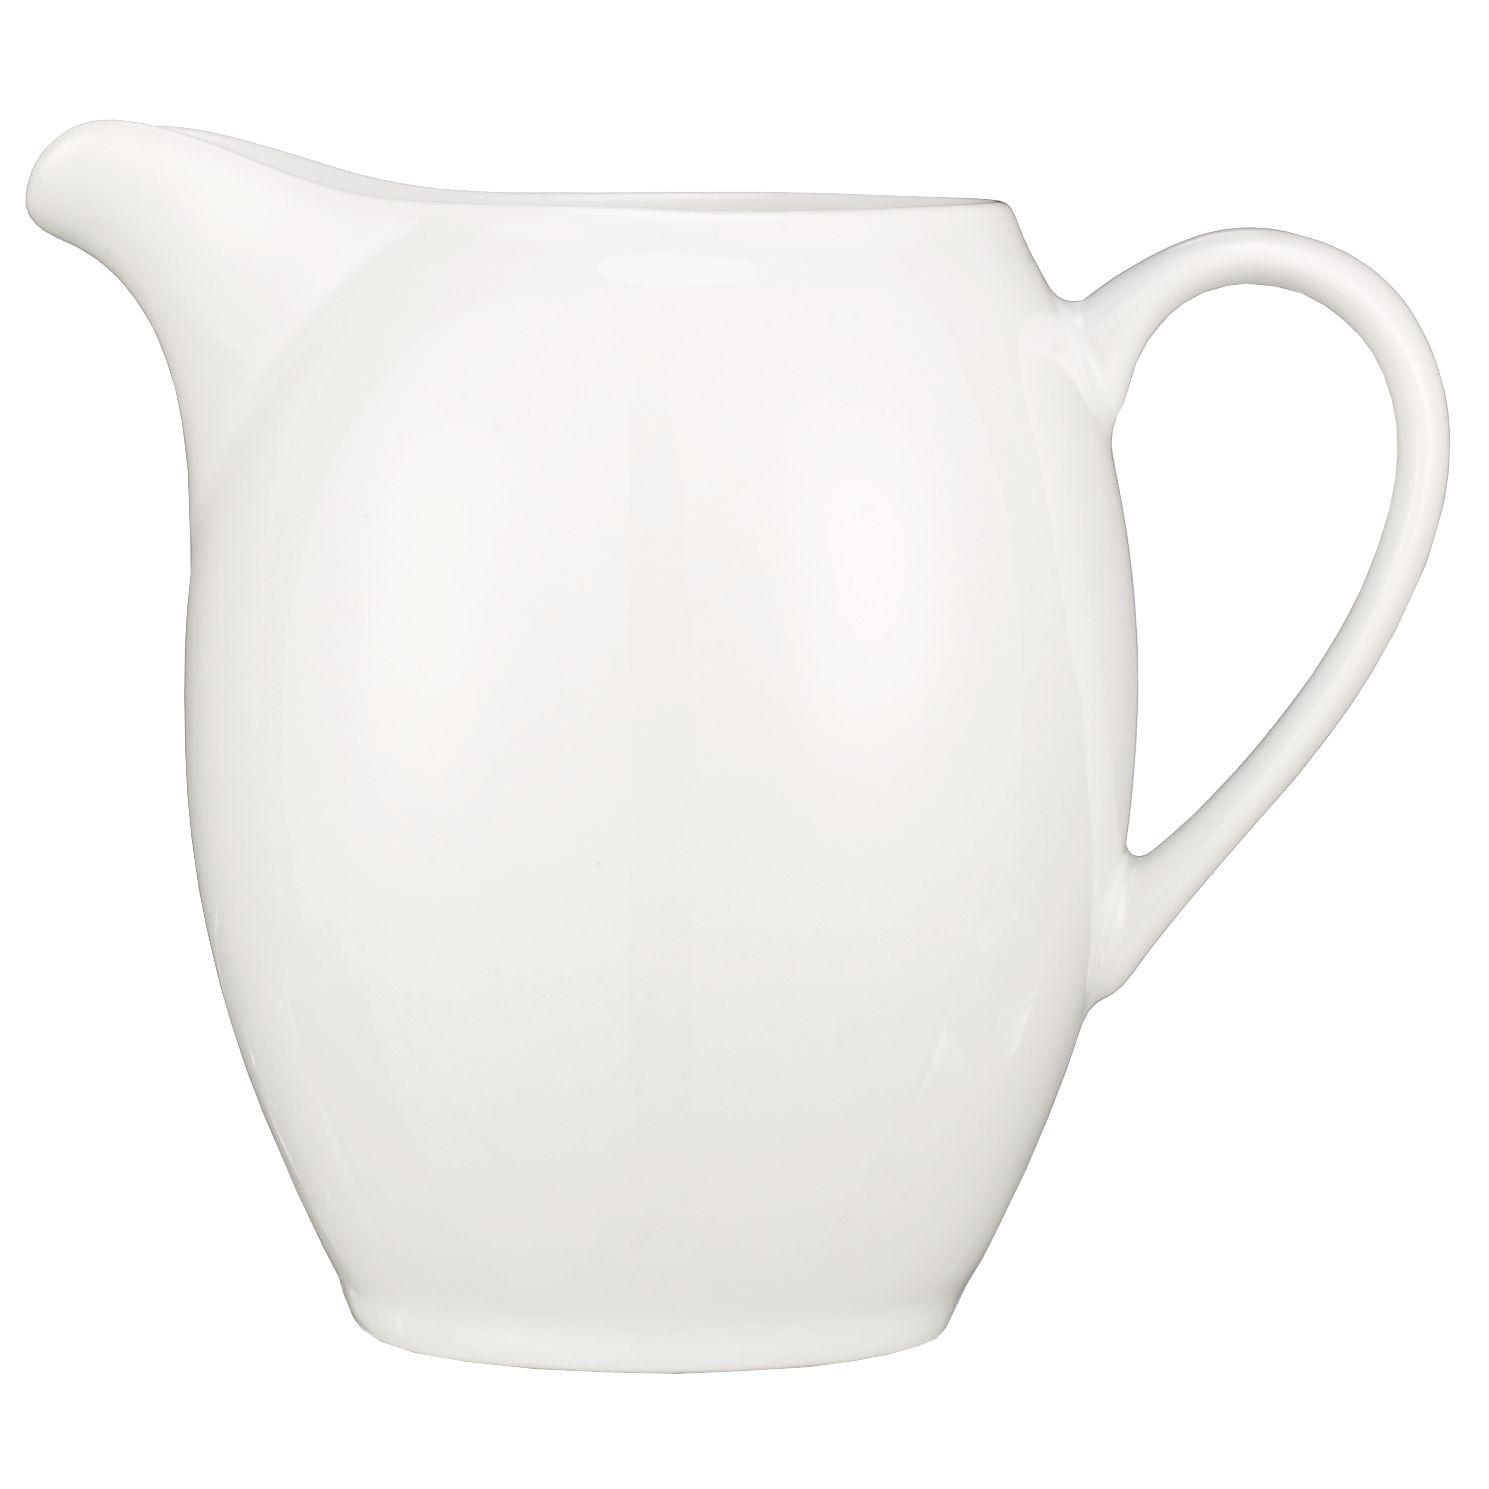 John Lewis House Porcelain Rounded Jug, 0.25L